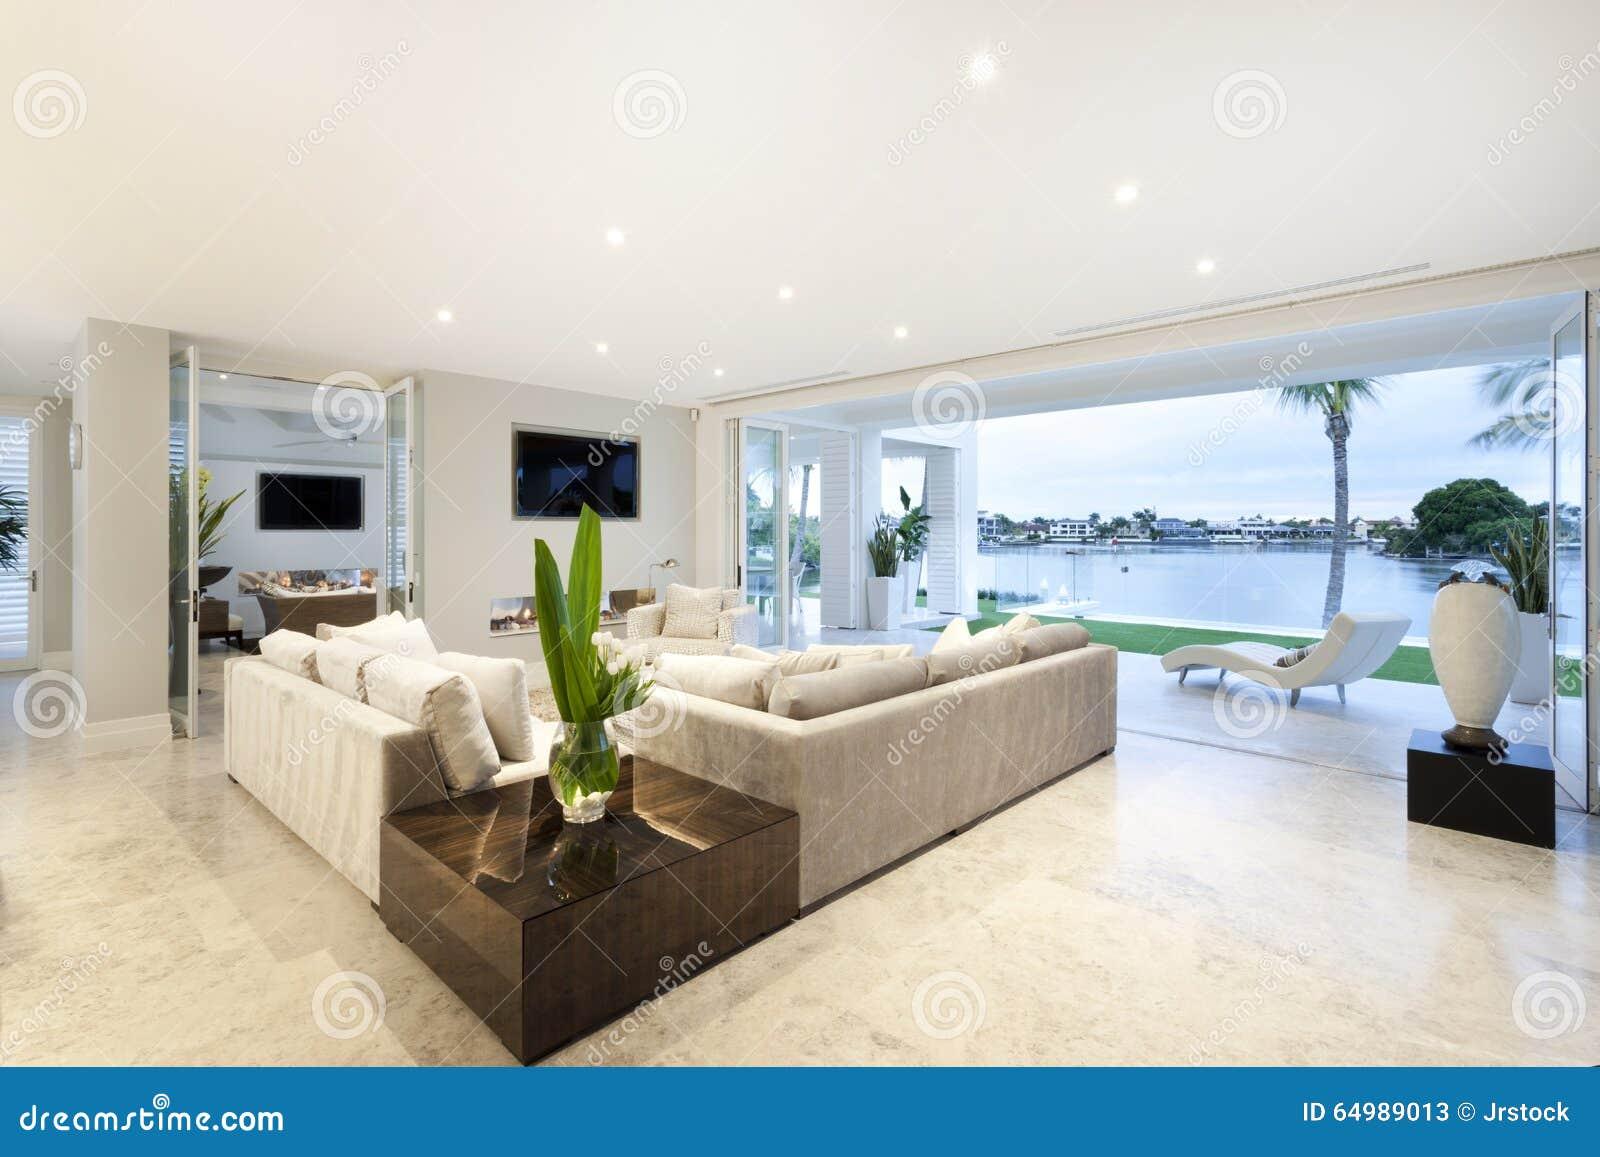 Schönes Wohnzimmer Offen Zu Einem Yard Stockbild - Bild von ...